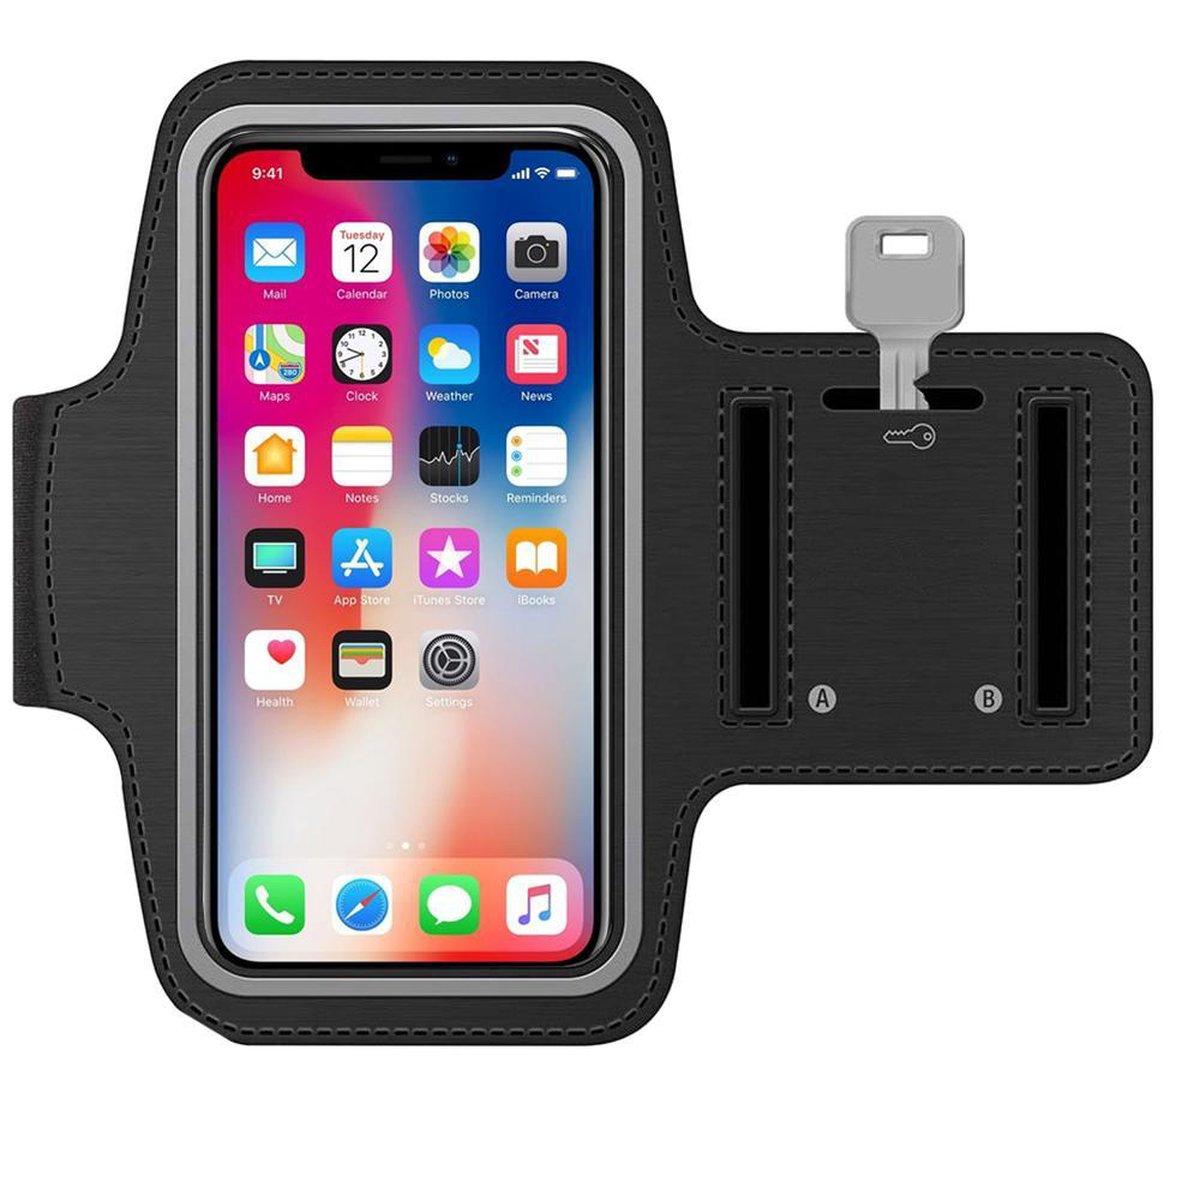 MMOBIEL Sport / Hardloop Armband (ZWART) voor iPhone 12/ 12 Pro/ 11 Pro / 11 / XR / XS / 8 Plus / 7